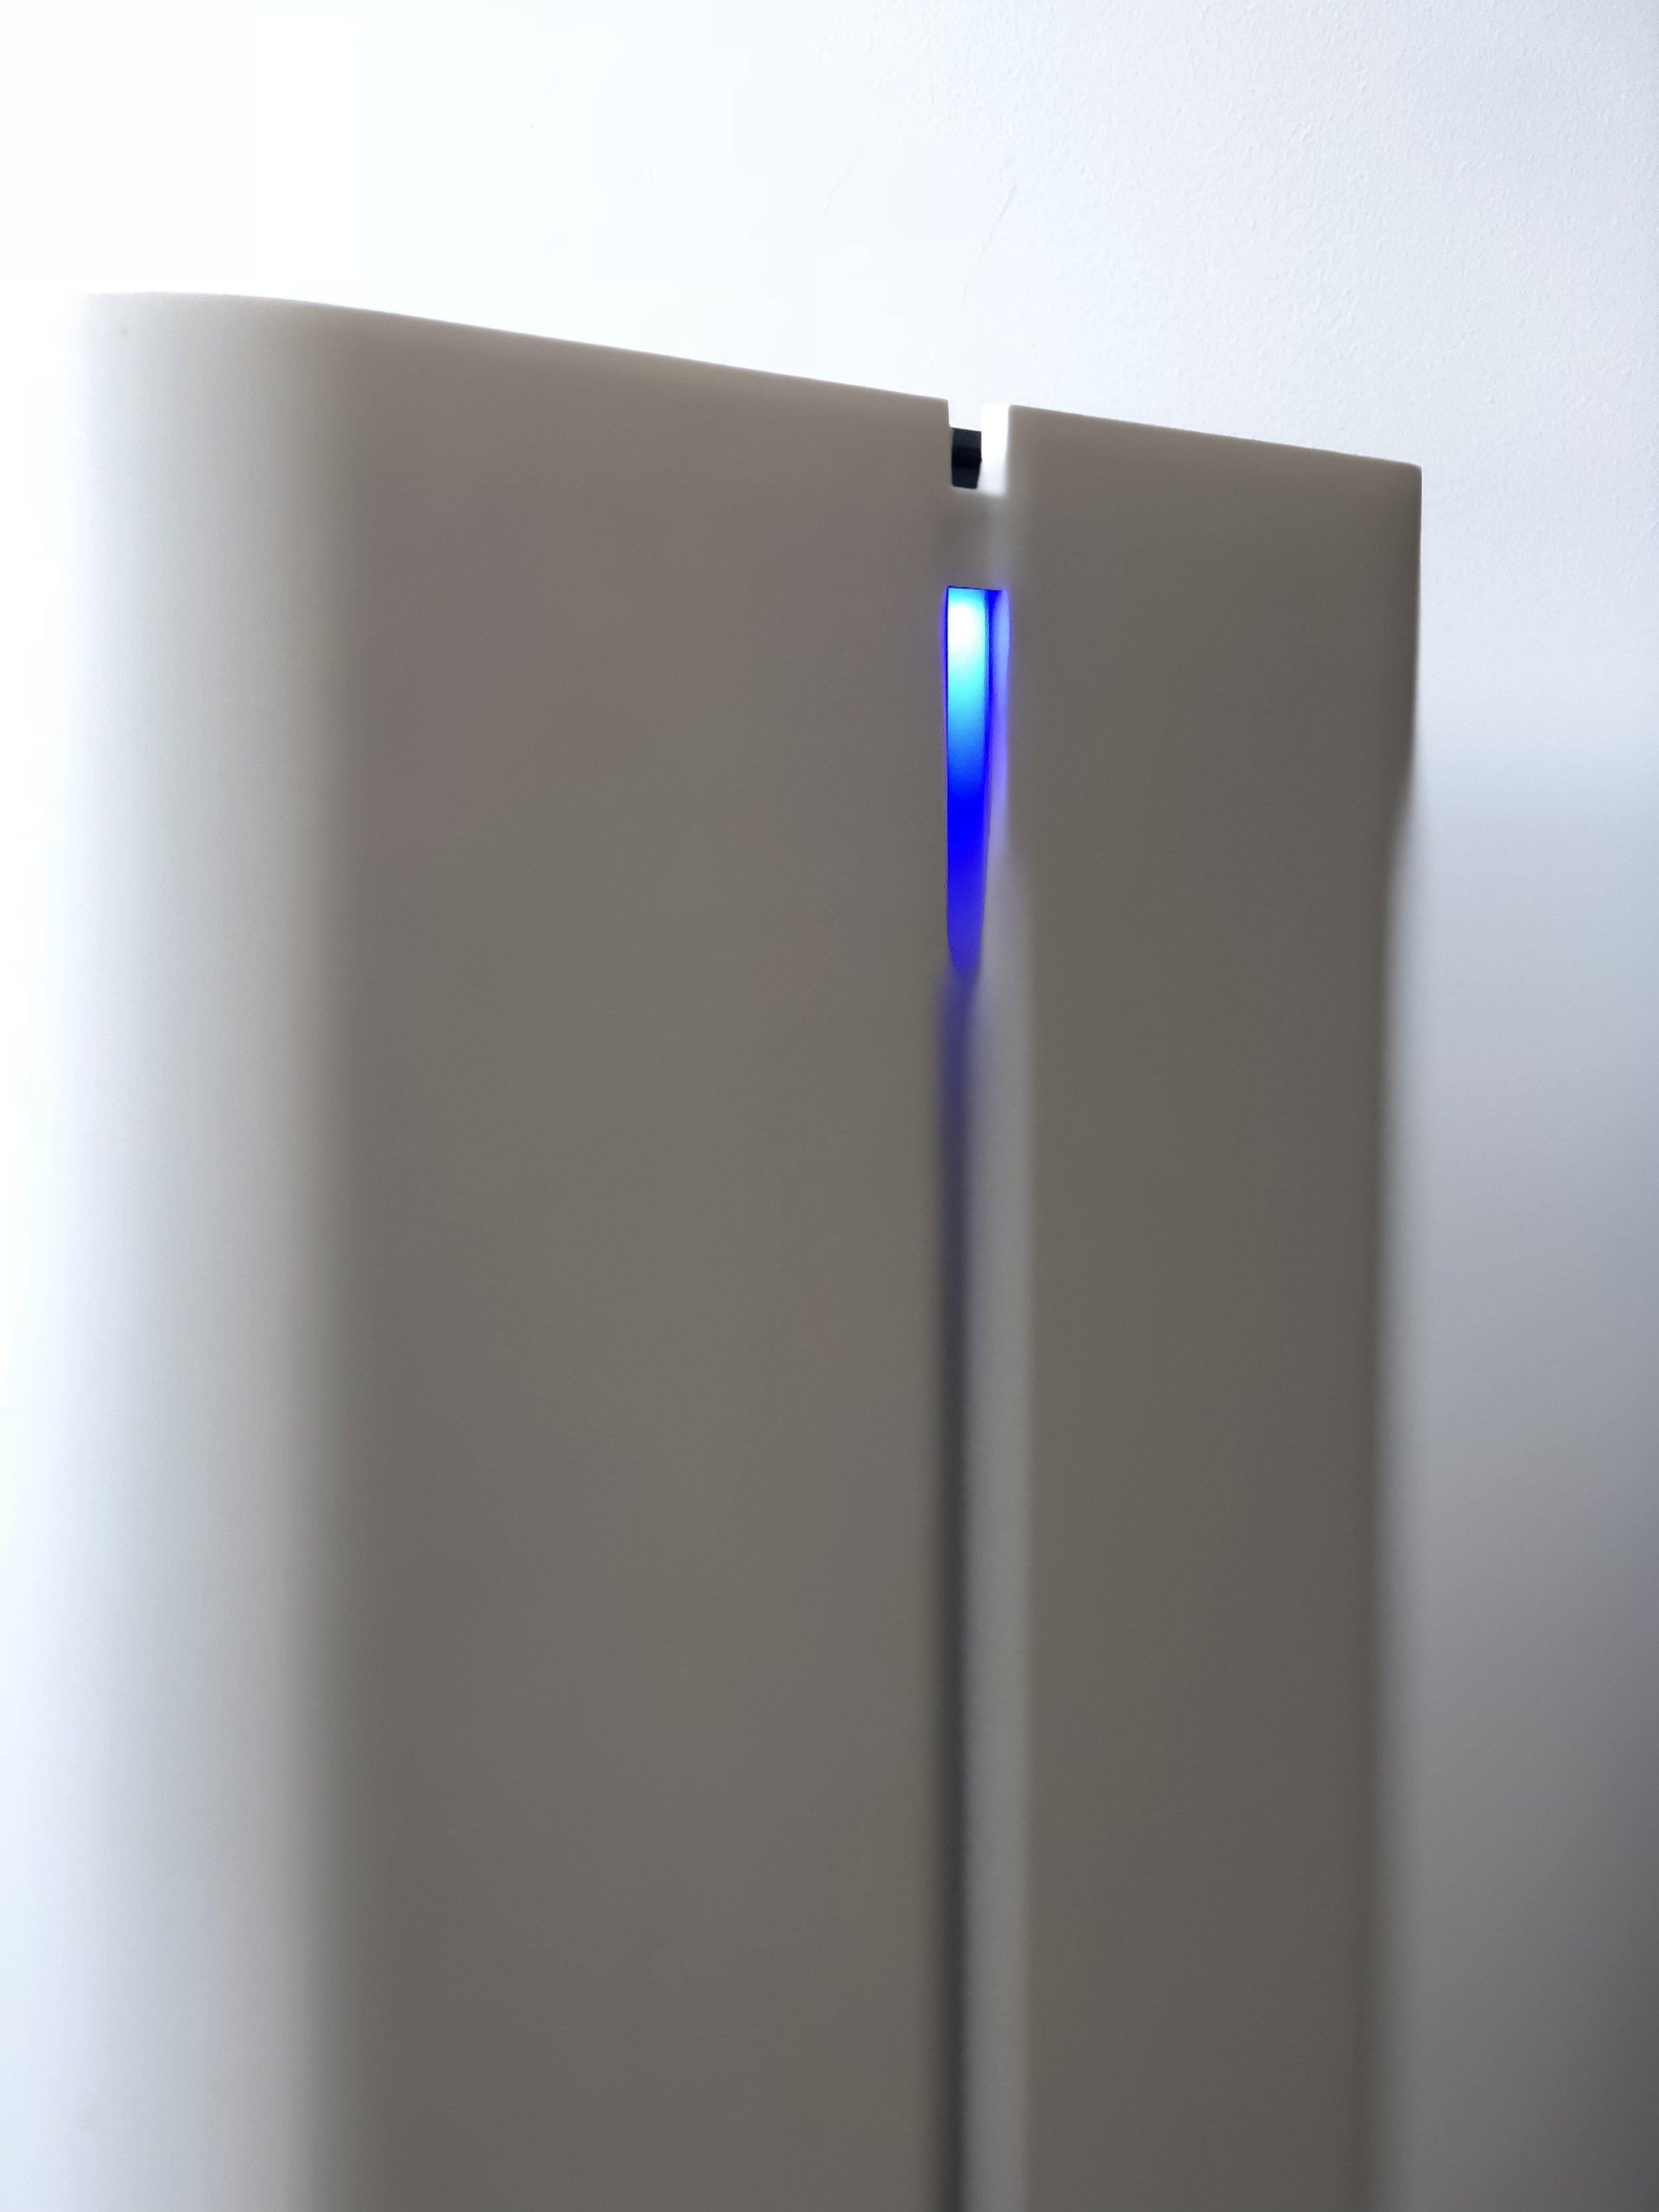 zonair3d-purificador-detalle-luz